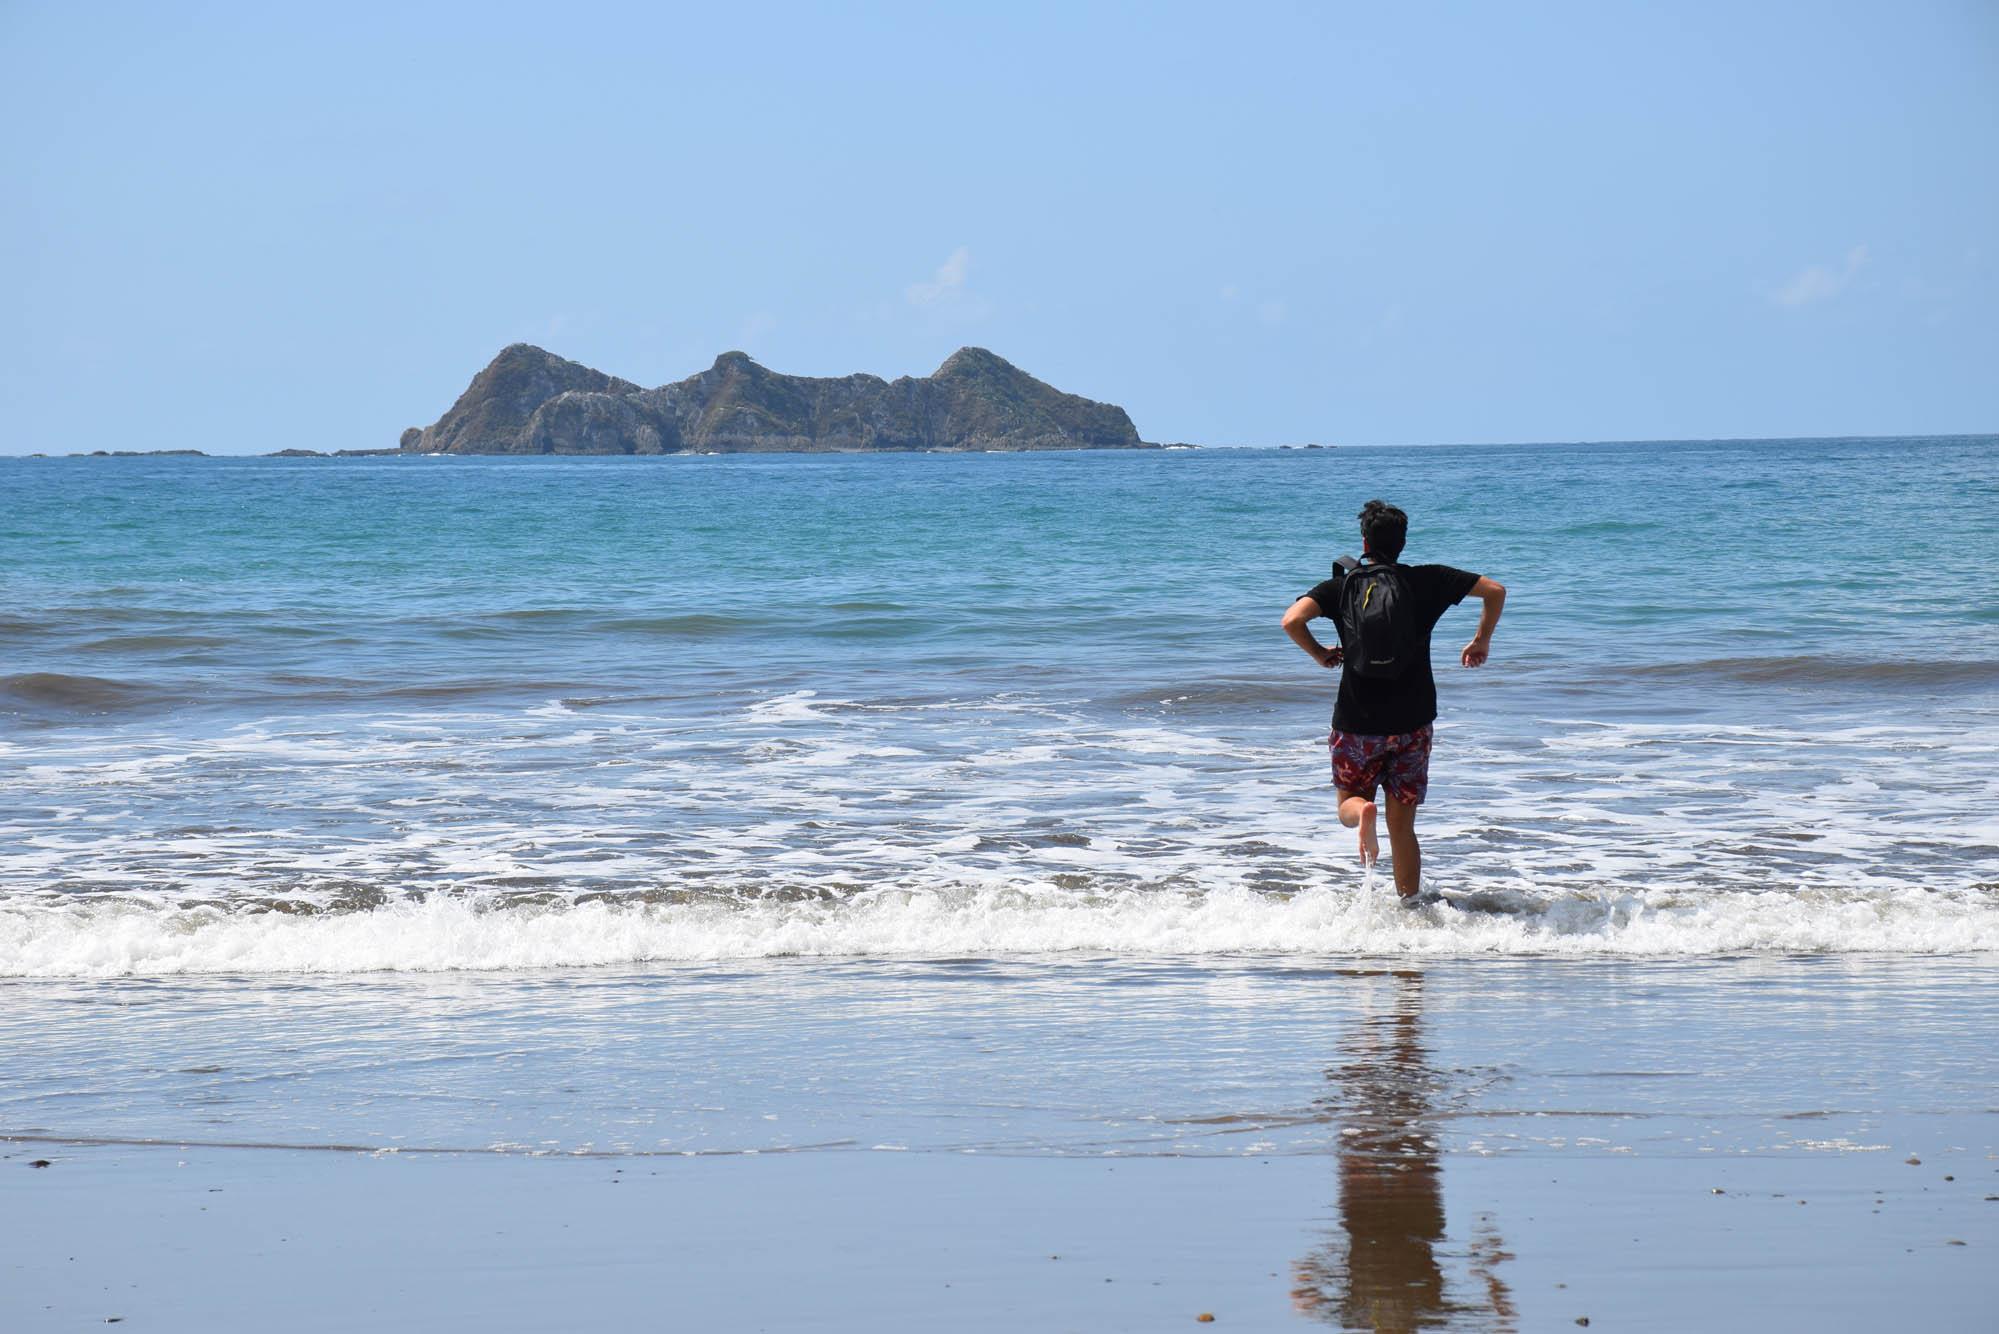 Ricardo pulando as 7 ondinhas no dia 1º de janeiro (e a Roca Ballena atrás)